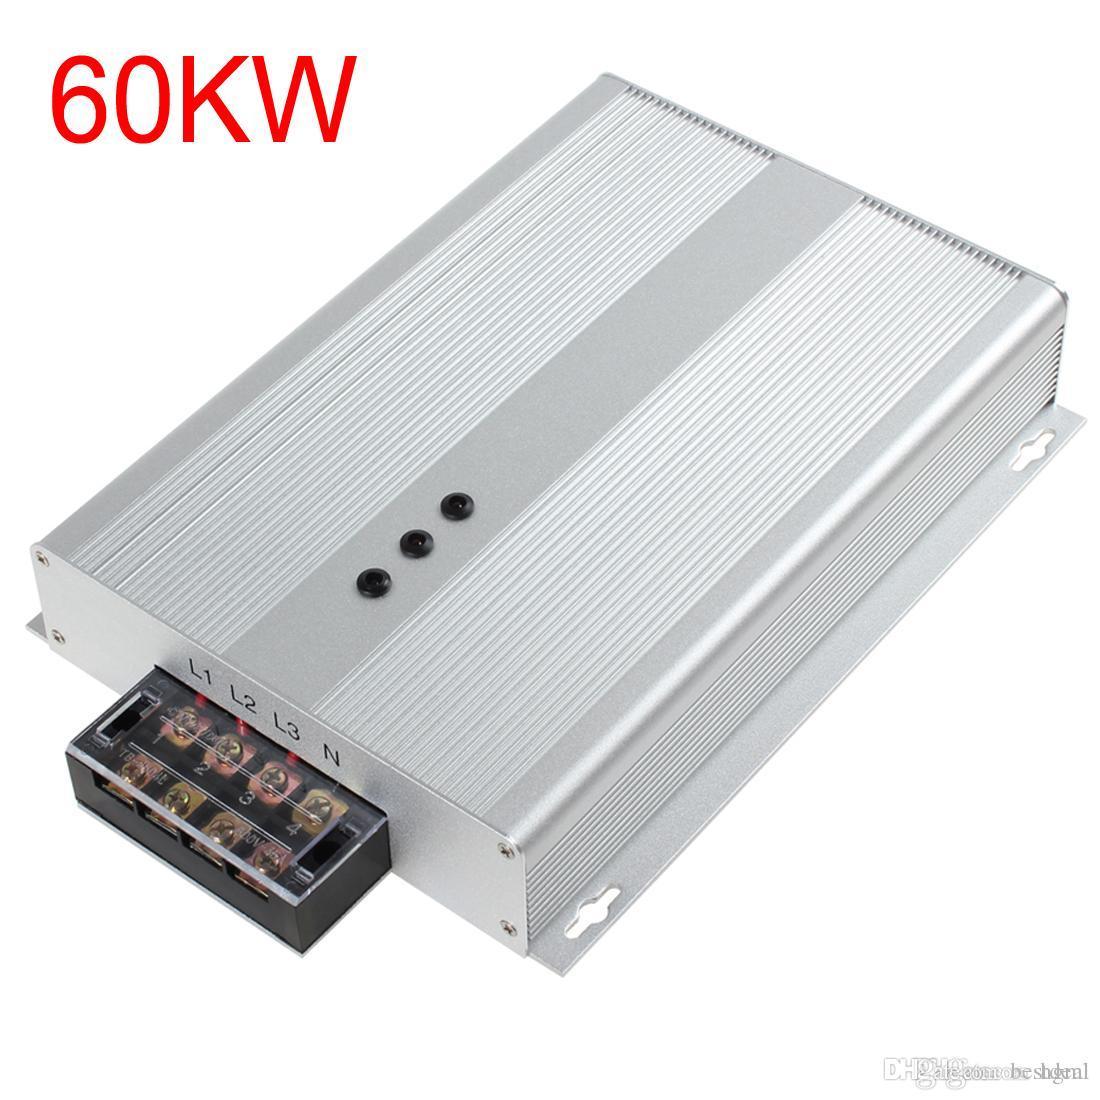 EE. UU. UE enchufe de Reino Unido 45KW / 60KW Ahorrador de energía de Intelliworks Ahorro de energía Trifásico Industrial Ahorrador de energía Caja 90-400V Ahorro de energía 35% EGS1B0